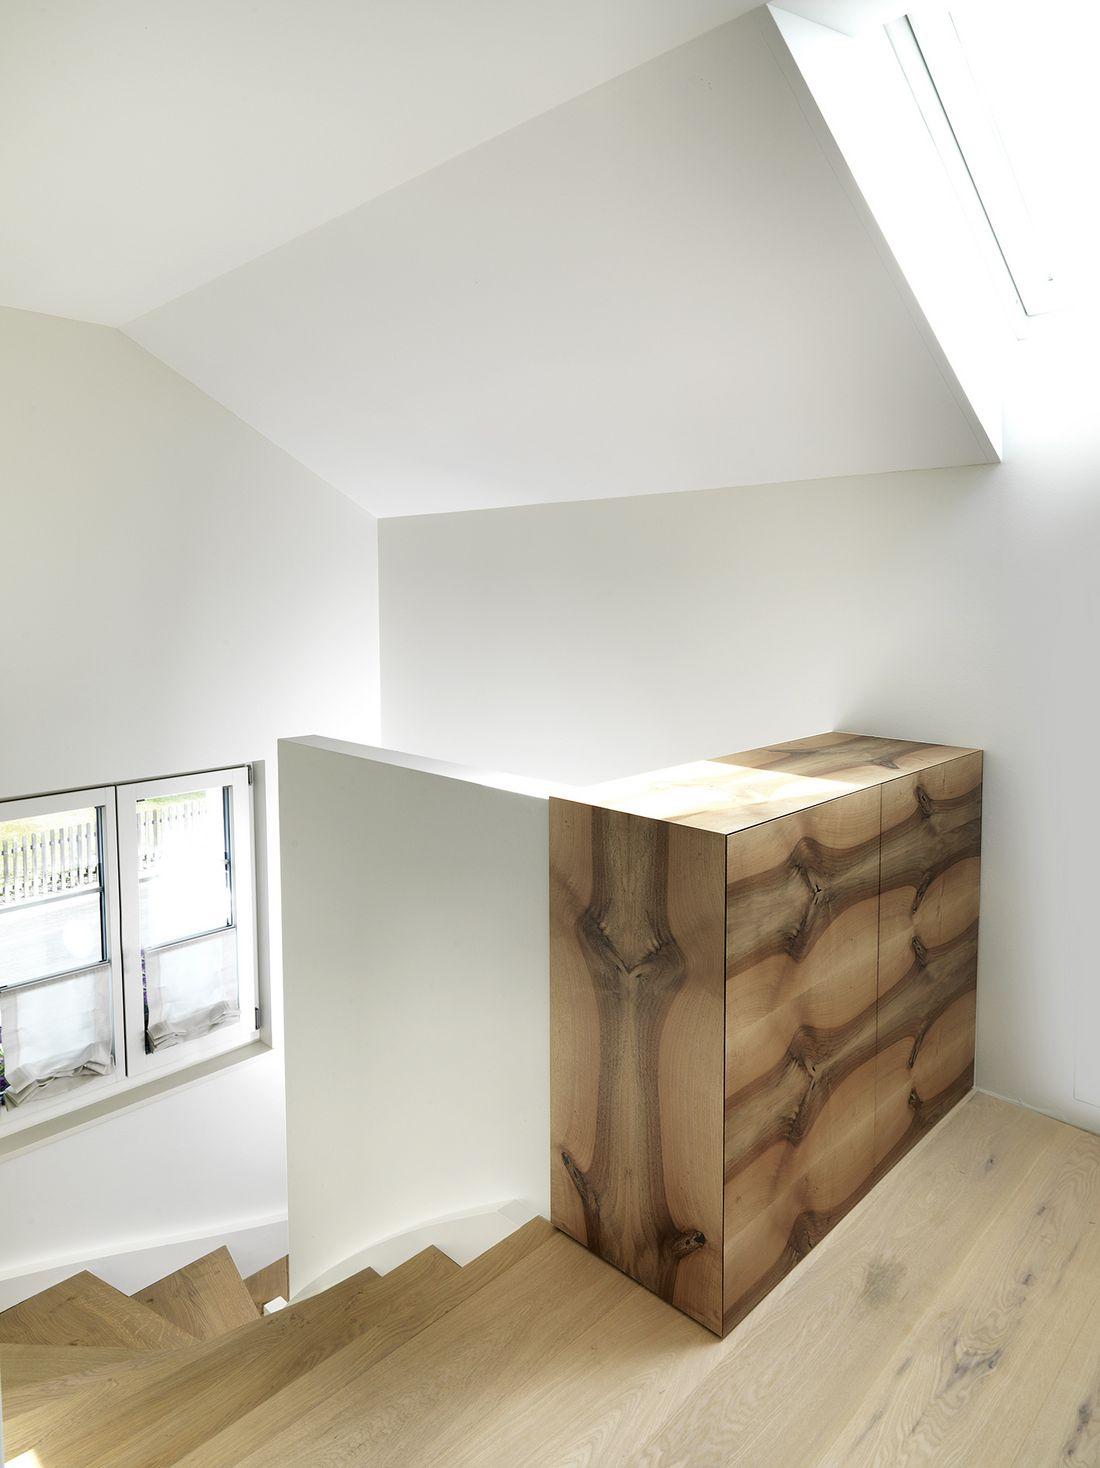 Einfamilienhaus Appenzell : Wohnräume. : Innenarchitektur. : Thomas ...